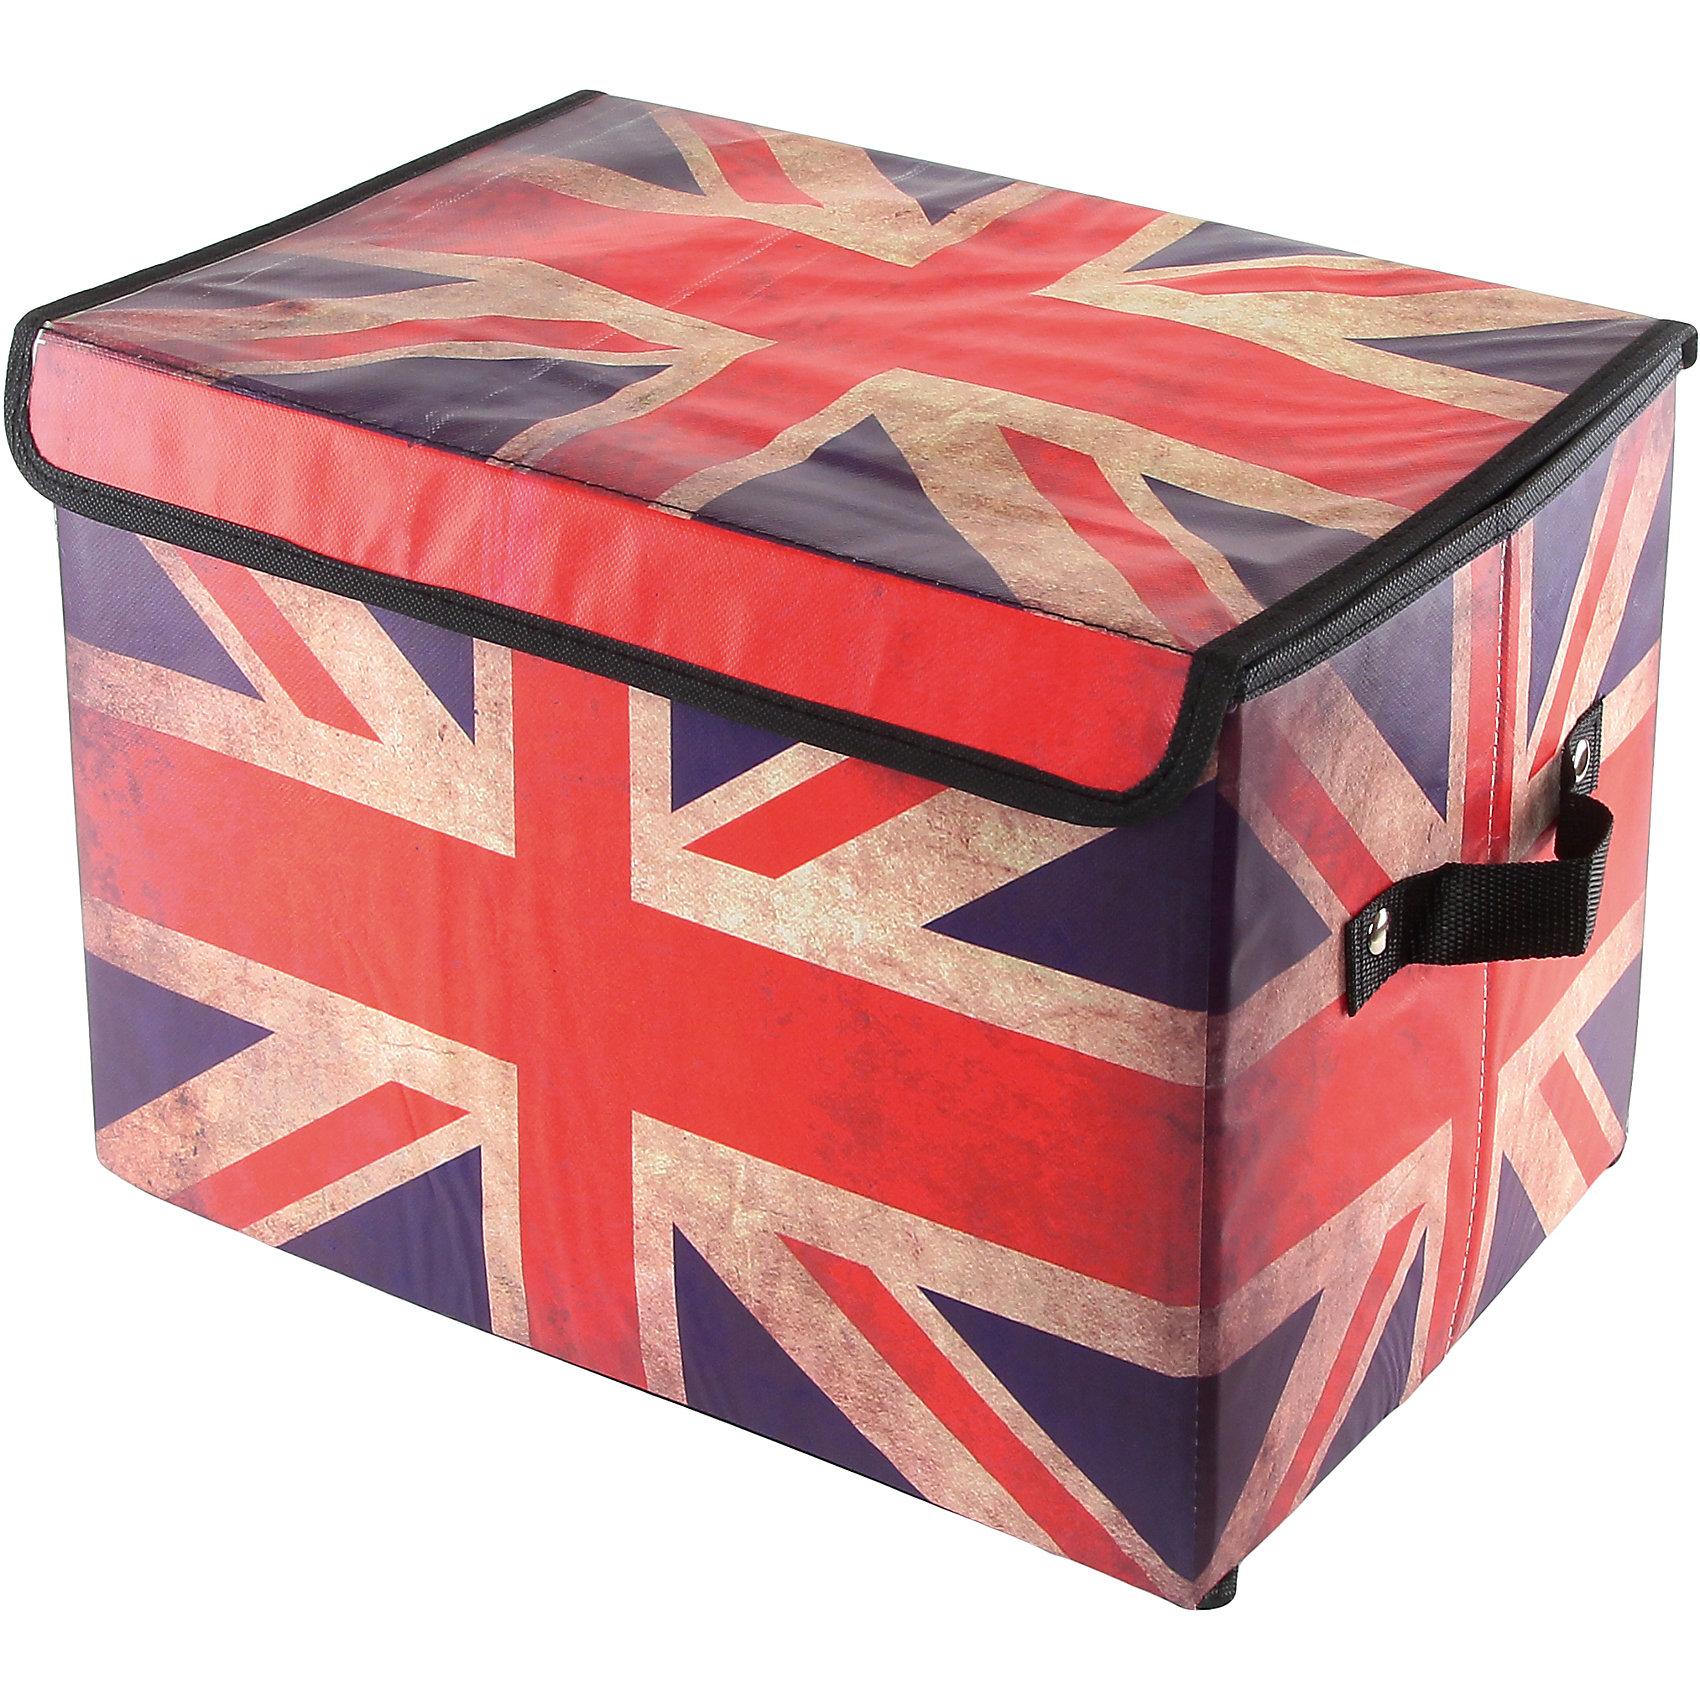 Кофр складной для хранения 39*26*26 см. Британский флаг, EL CasaПорядок в детской<br>Кофр с жёстким каркасом для храненияa с двумя ручками в популярном стиде Британский флаг.  В нем можно хранить всевозможные предметы: книги, игрушки, рукоделие.   Яркий дизайн кофра привнесет в Ваш интерьер неповторимый шарм.<br><br>Ширина мм: 390<br>Глубина мм: 260<br>Высота мм: 20<br>Вес г: 400<br>Возраст от месяцев: 0<br>Возраст до месяцев: 1188<br>Пол: Унисекс<br>Возраст: Детский<br>SKU: 6668665